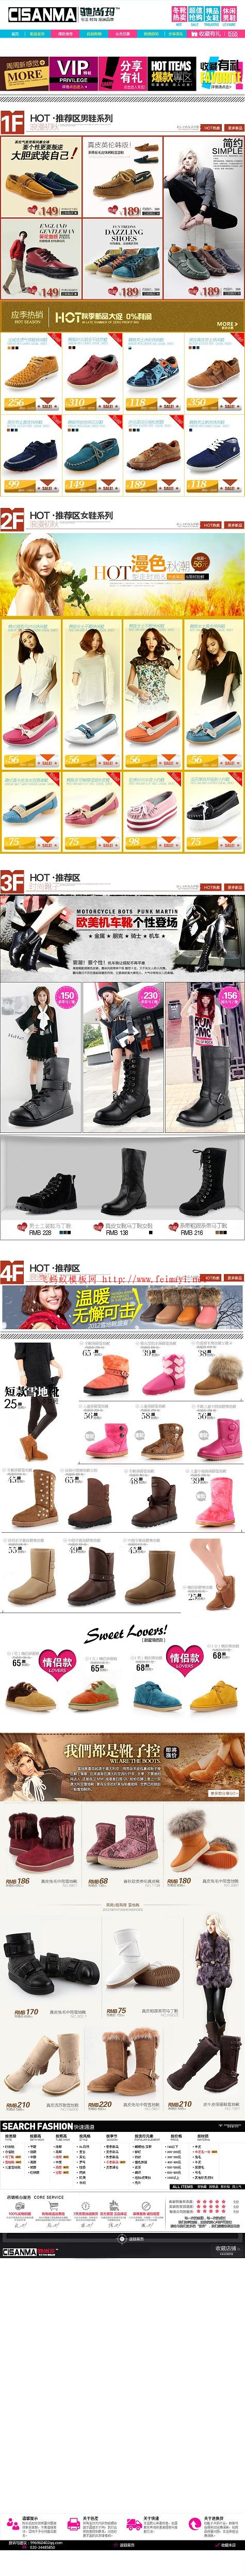 2018大气淘宝首页女鞋psd行业通用PSD素材鞋子模板免费下载